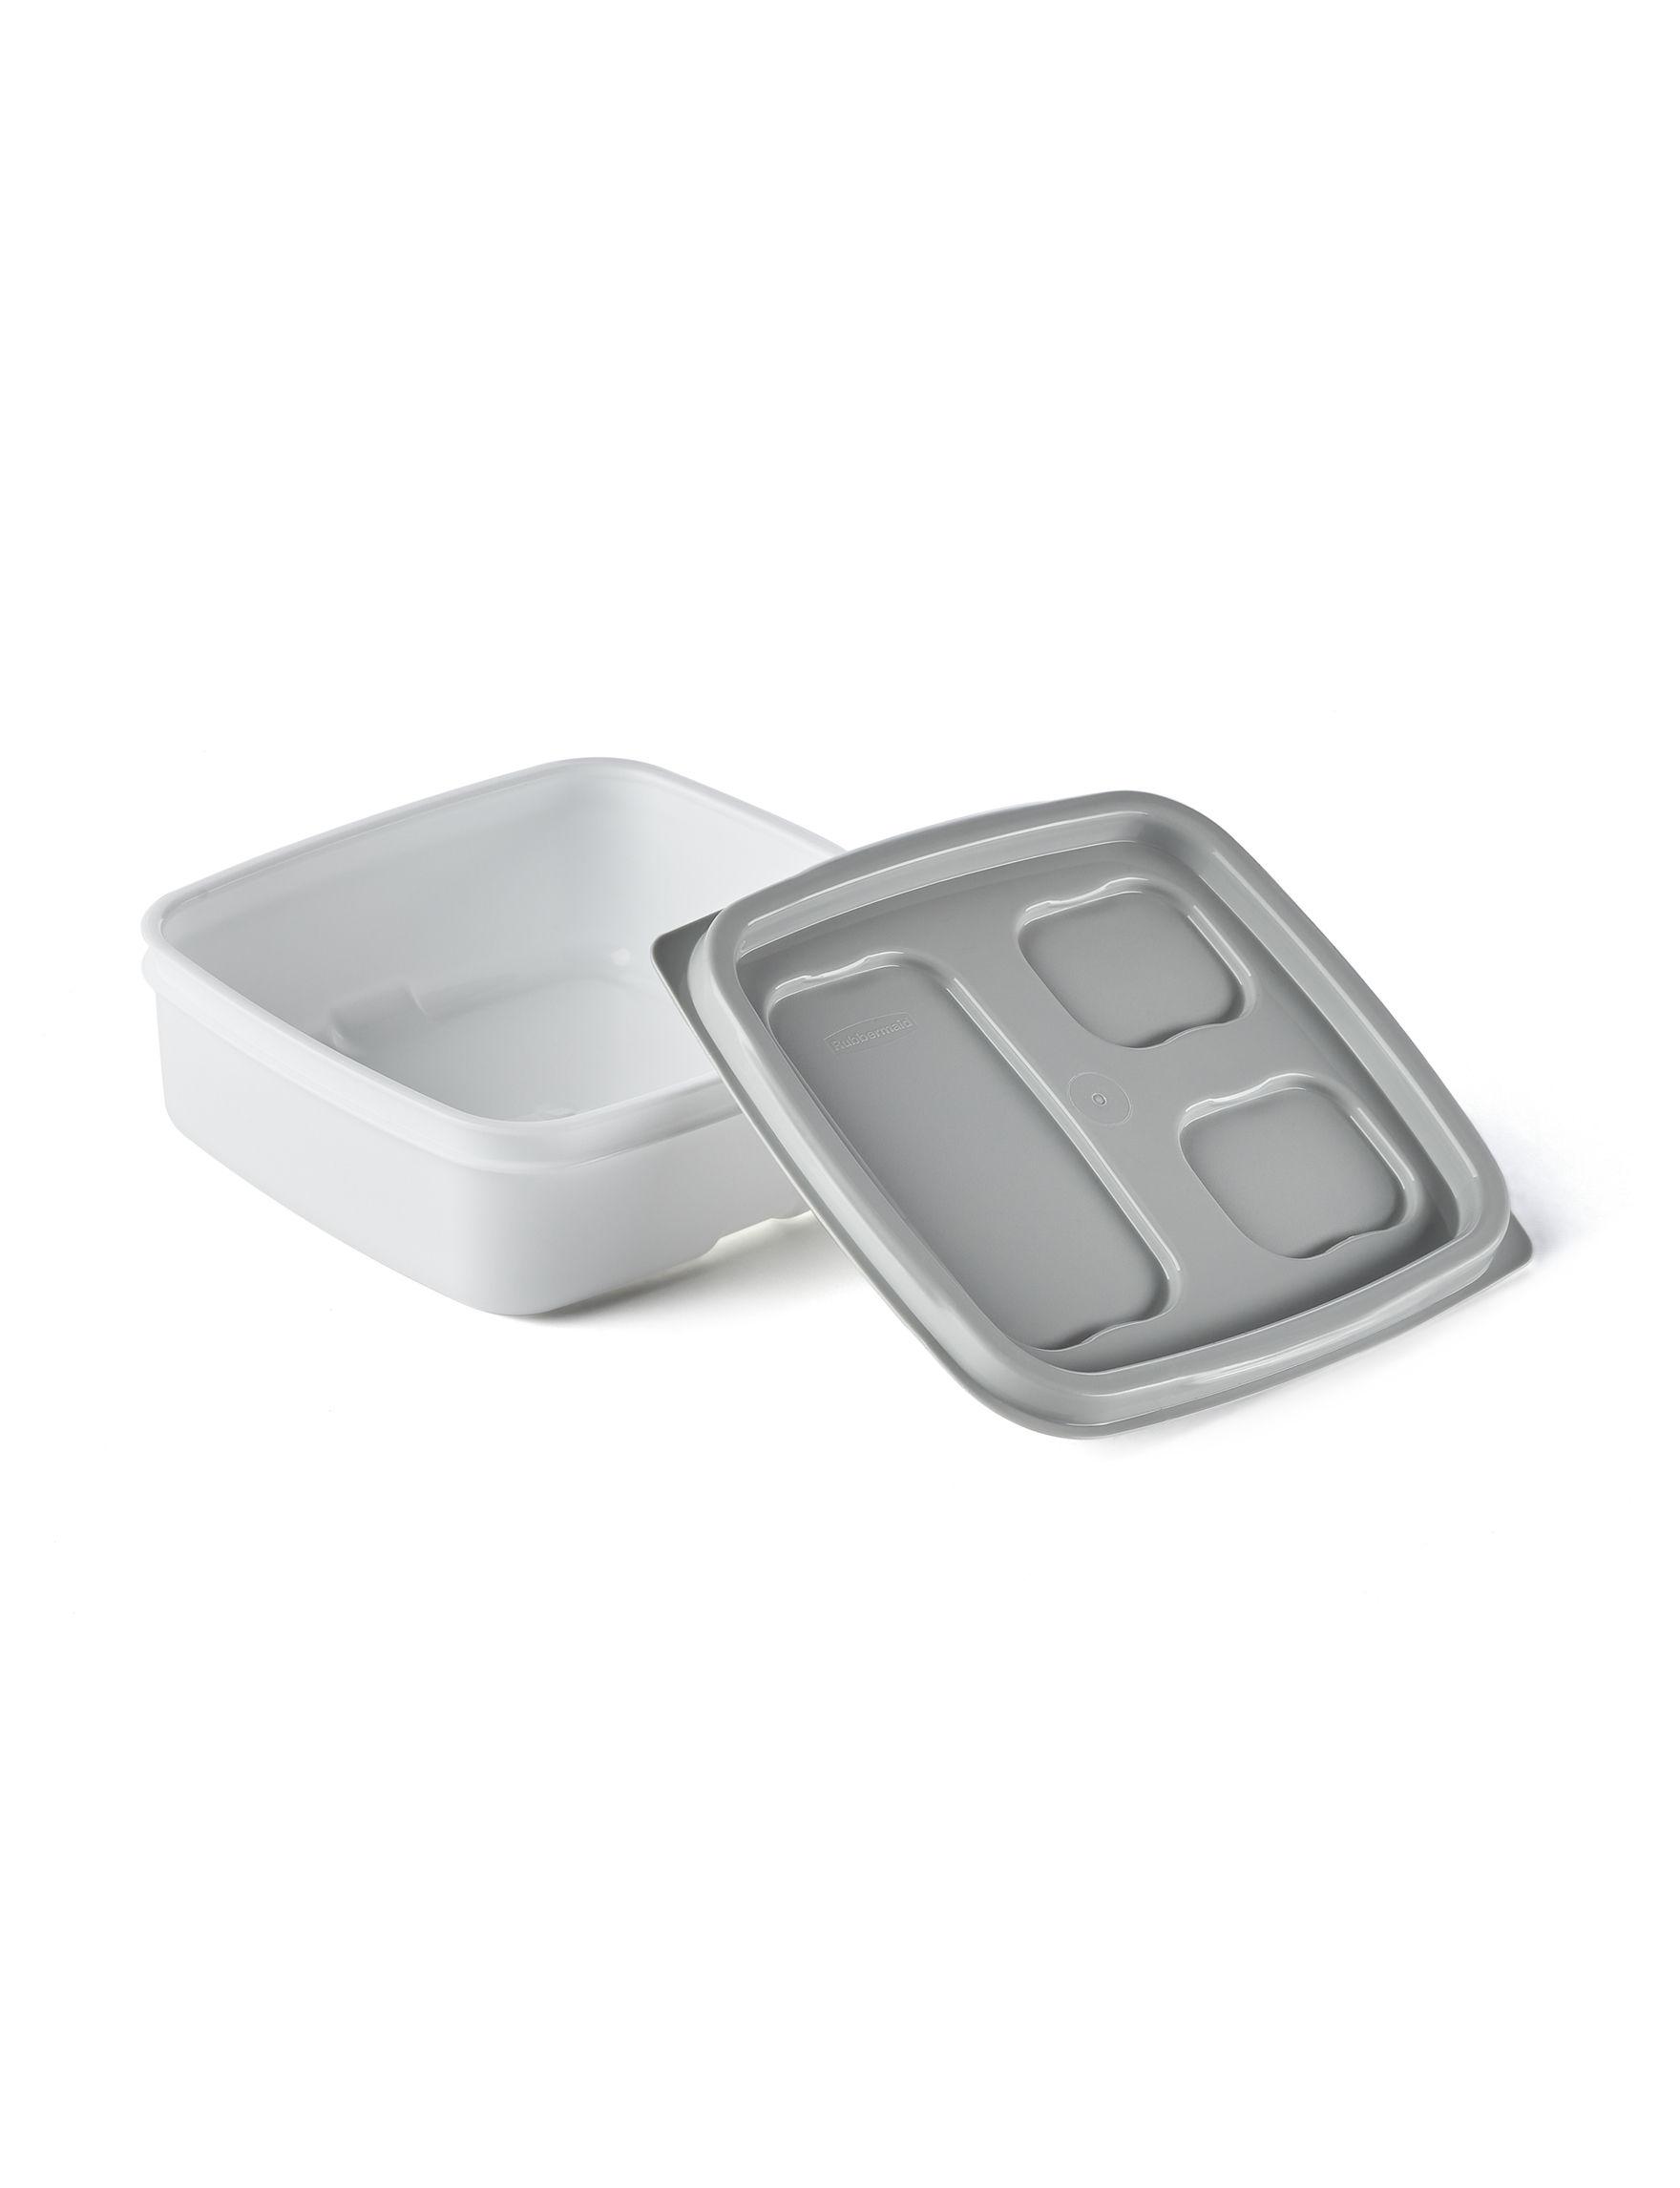 Rubbermaid White / Silver Food Storage Kitchen Storage & Organization